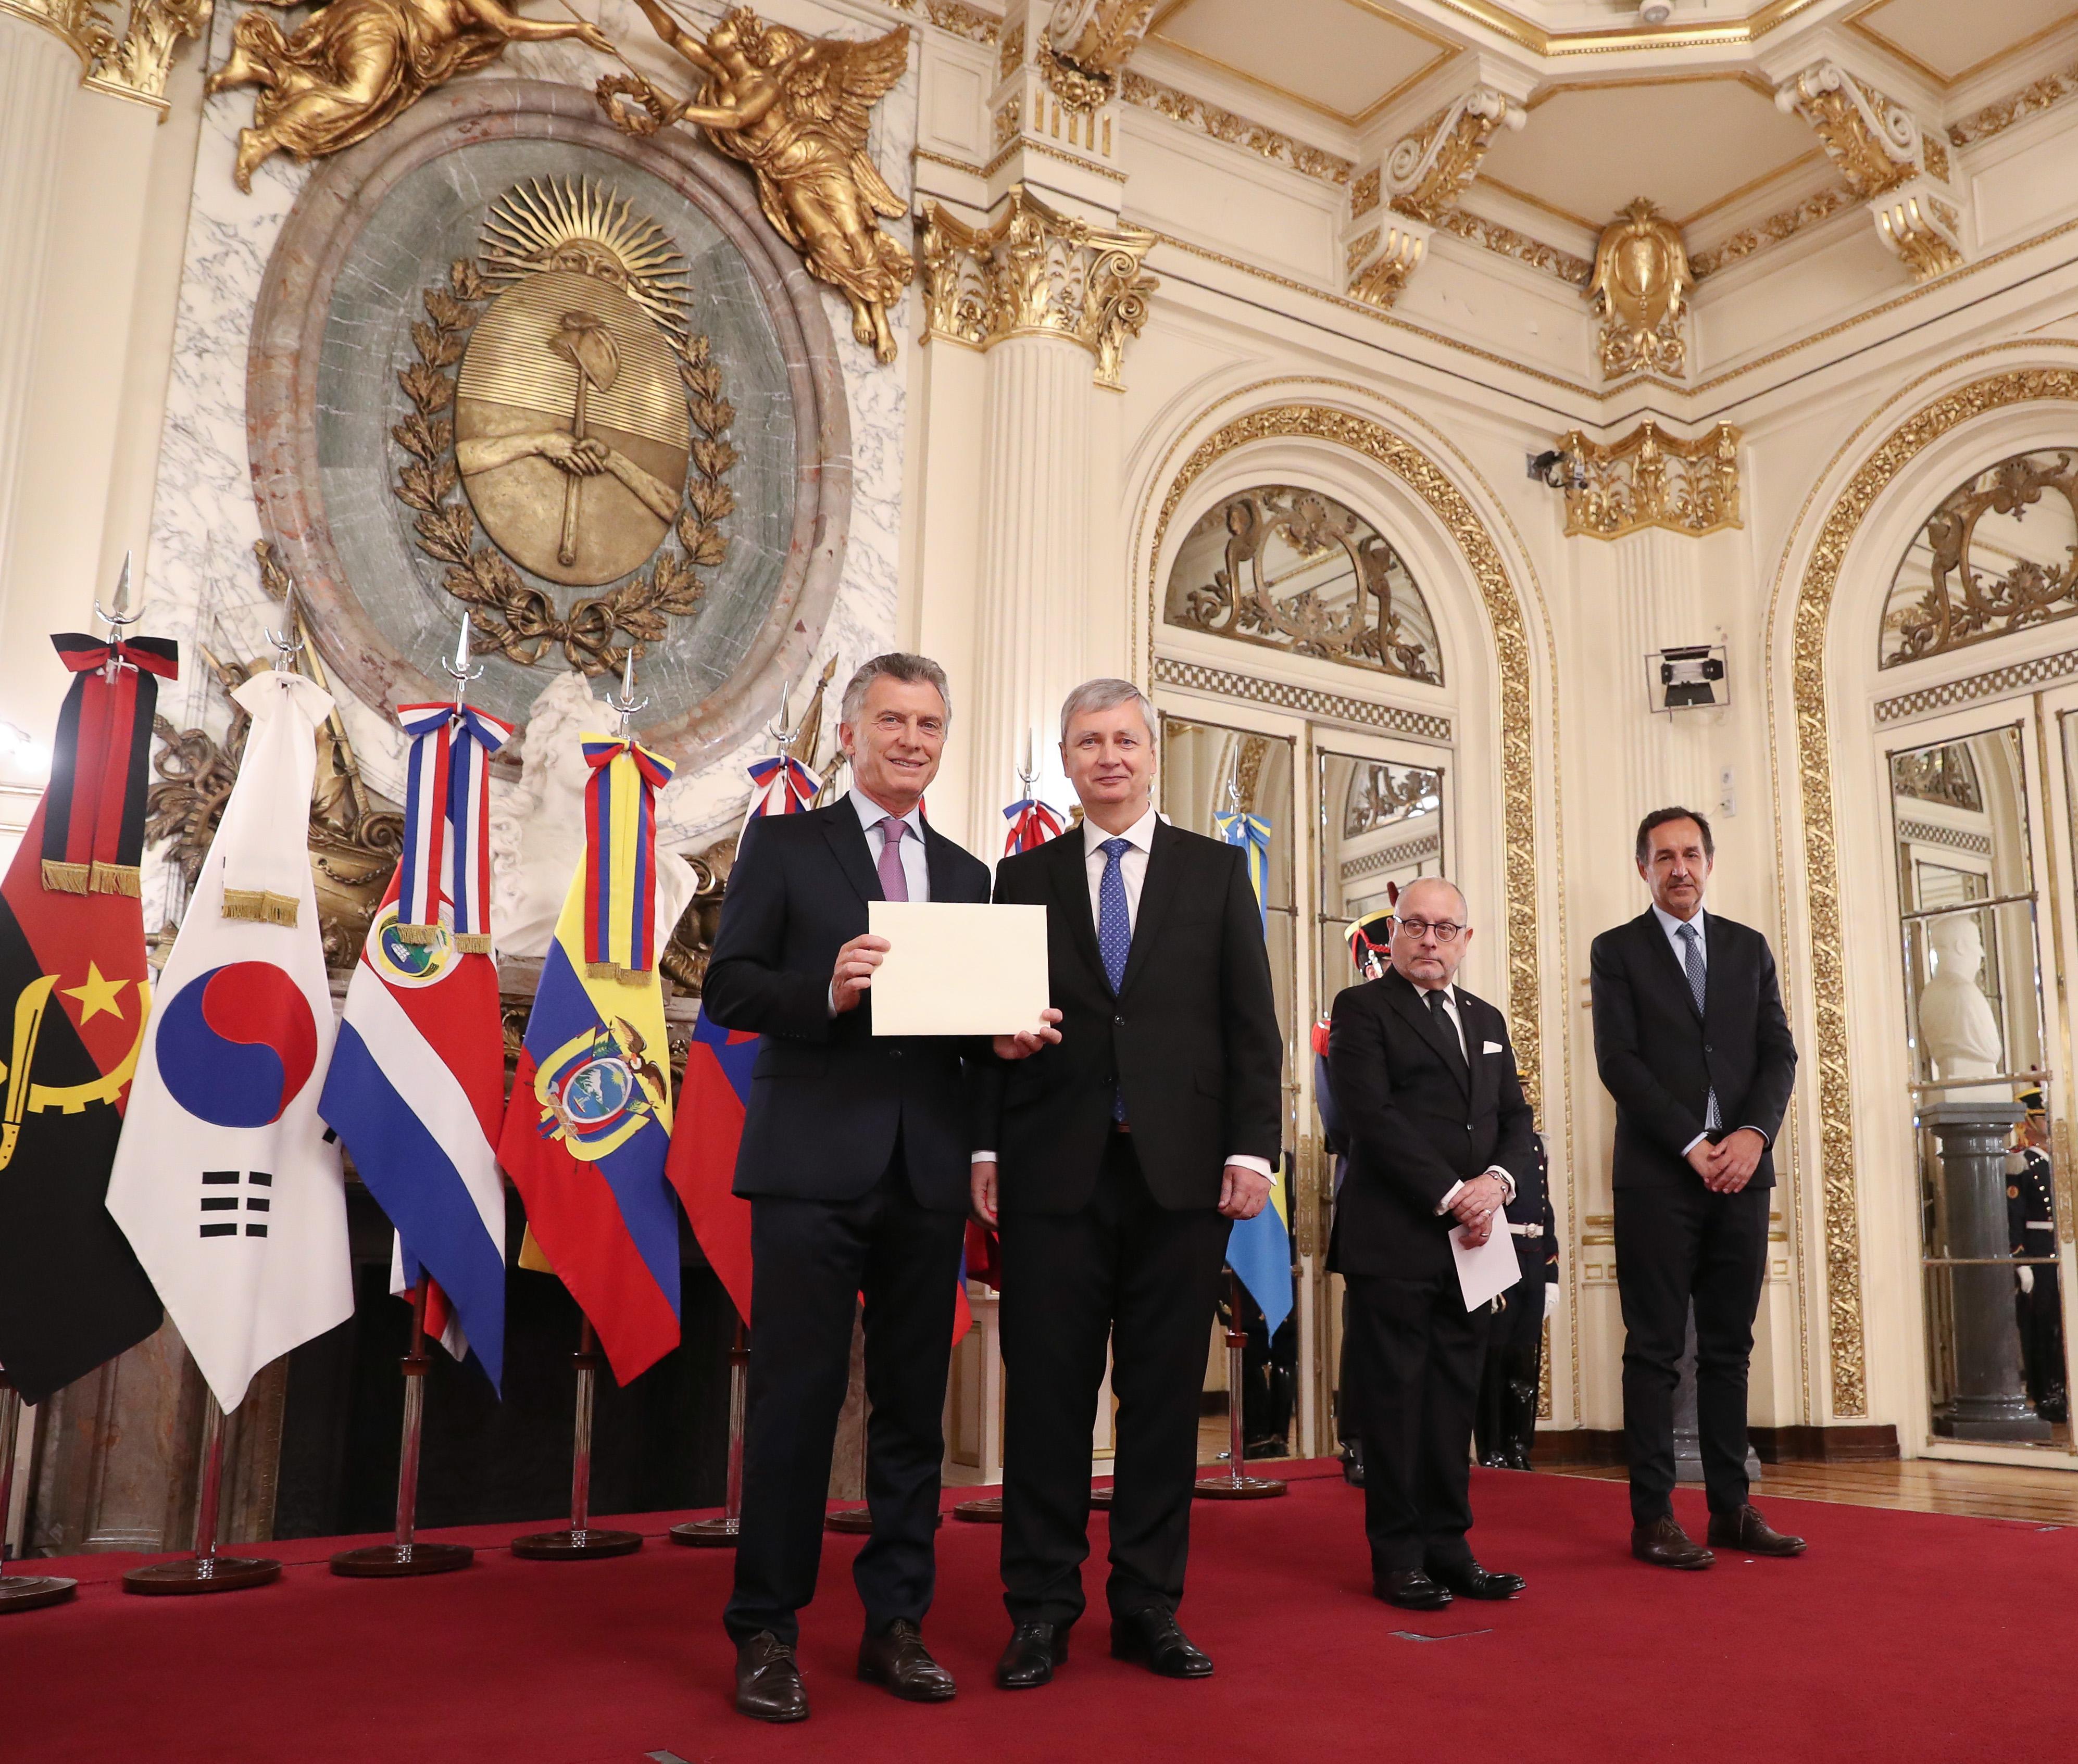 El Presidente Mauricio Macri con el nuevo Embajador de Eslovaquia.